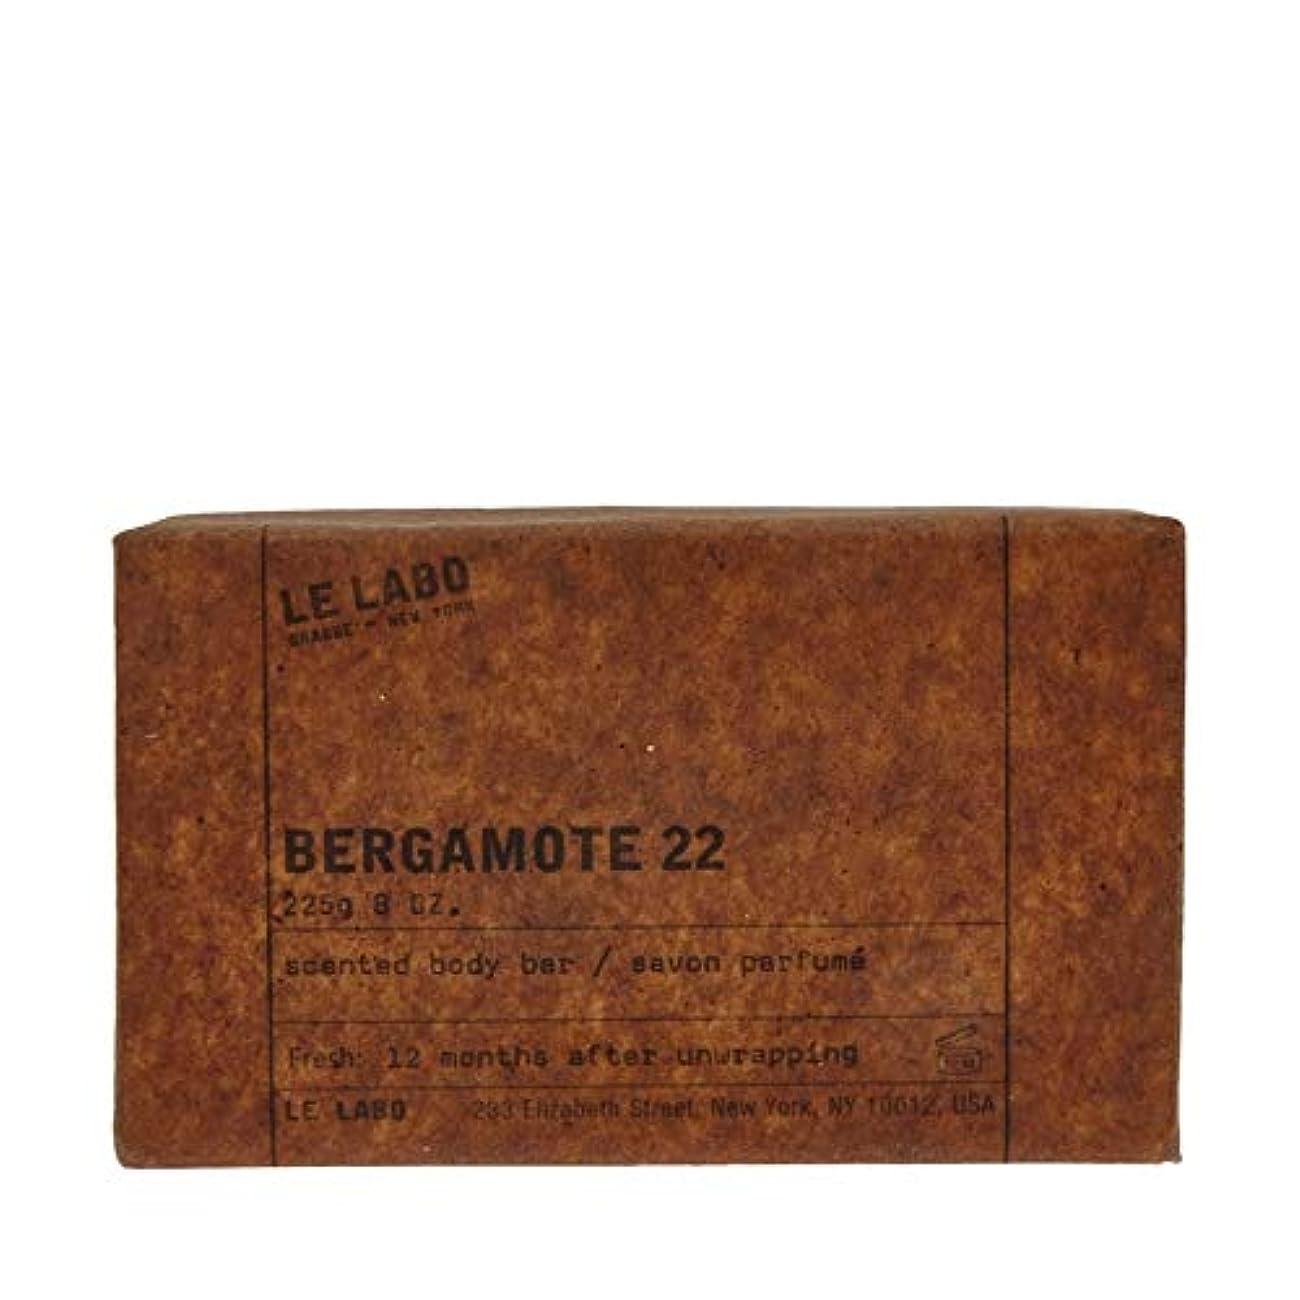 マニュアル加速度受取人[Le Labo ] ルラボBergamote 22石鹸225グラム - Le Labo Bergamote 22 Soap 225g [並行輸入品]